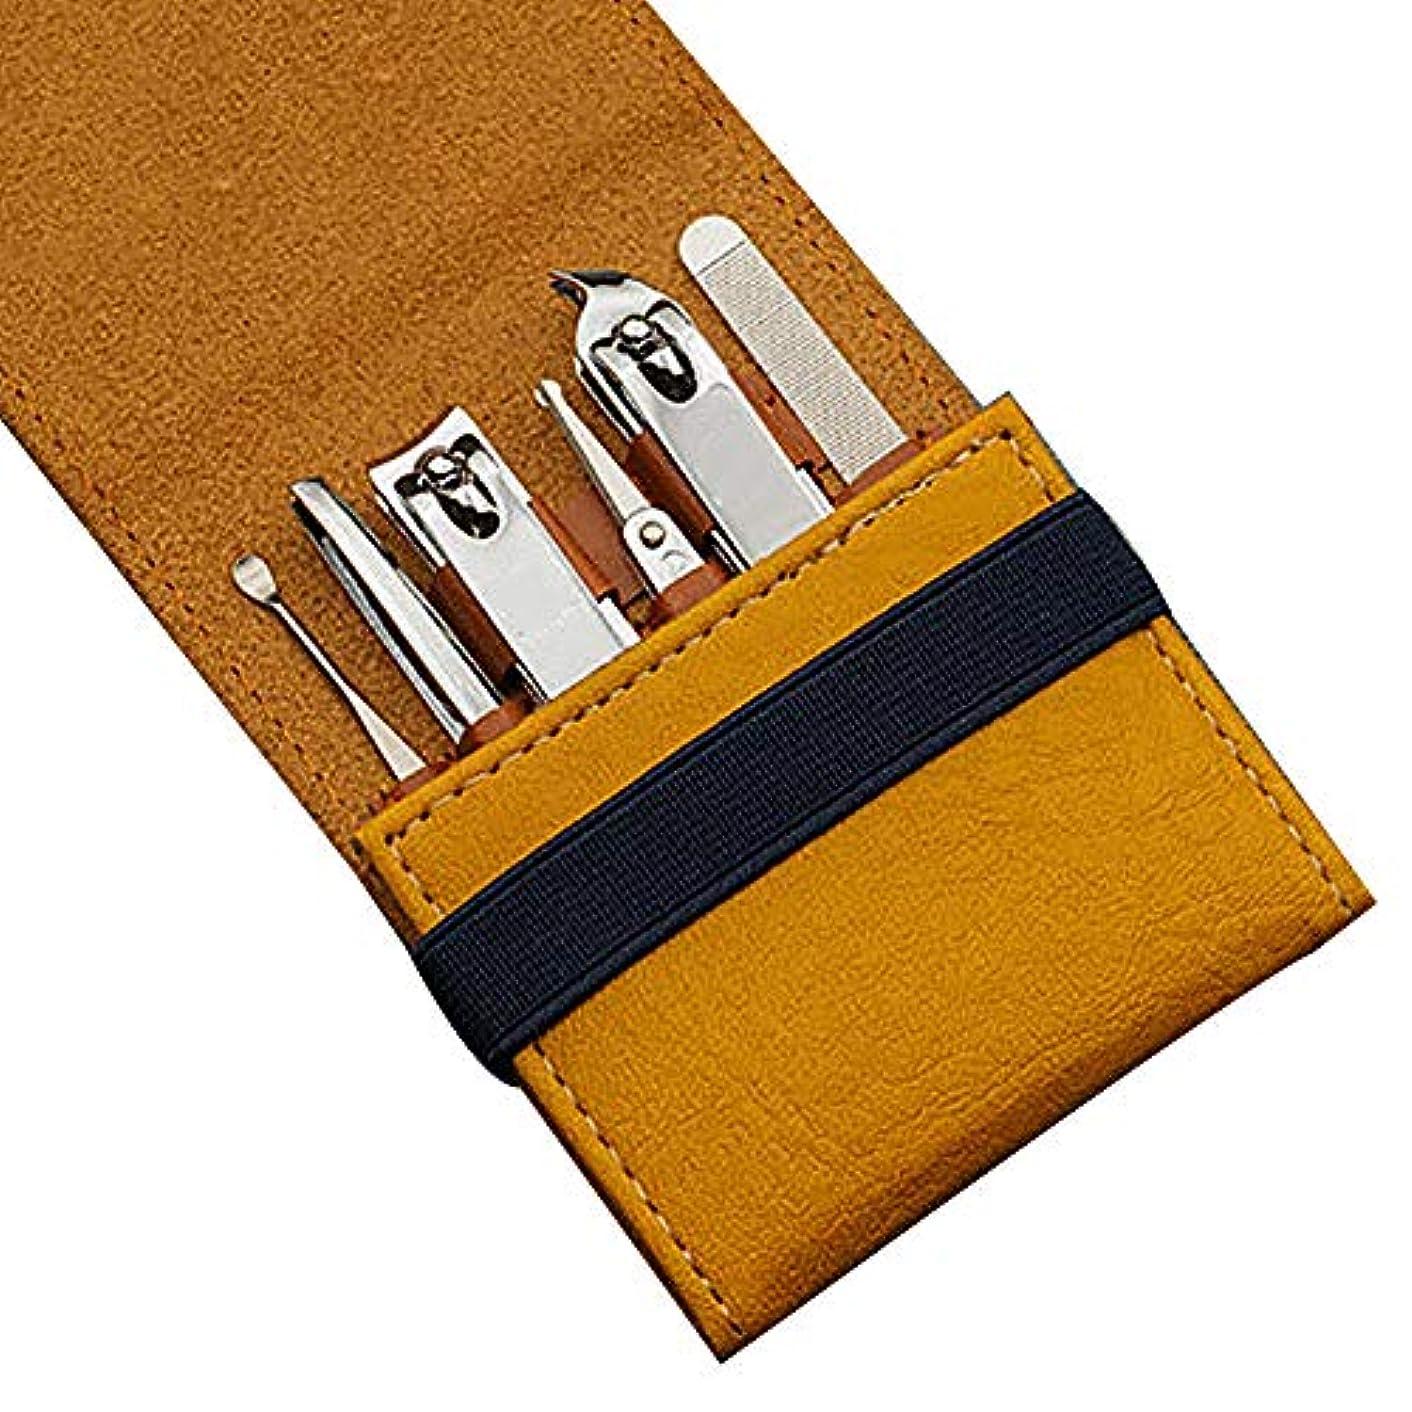 ゆり結婚浸す爪切りセット携帯便利男女兼用 爪切りセット高級黄色PUレザーケース付き、6点セット